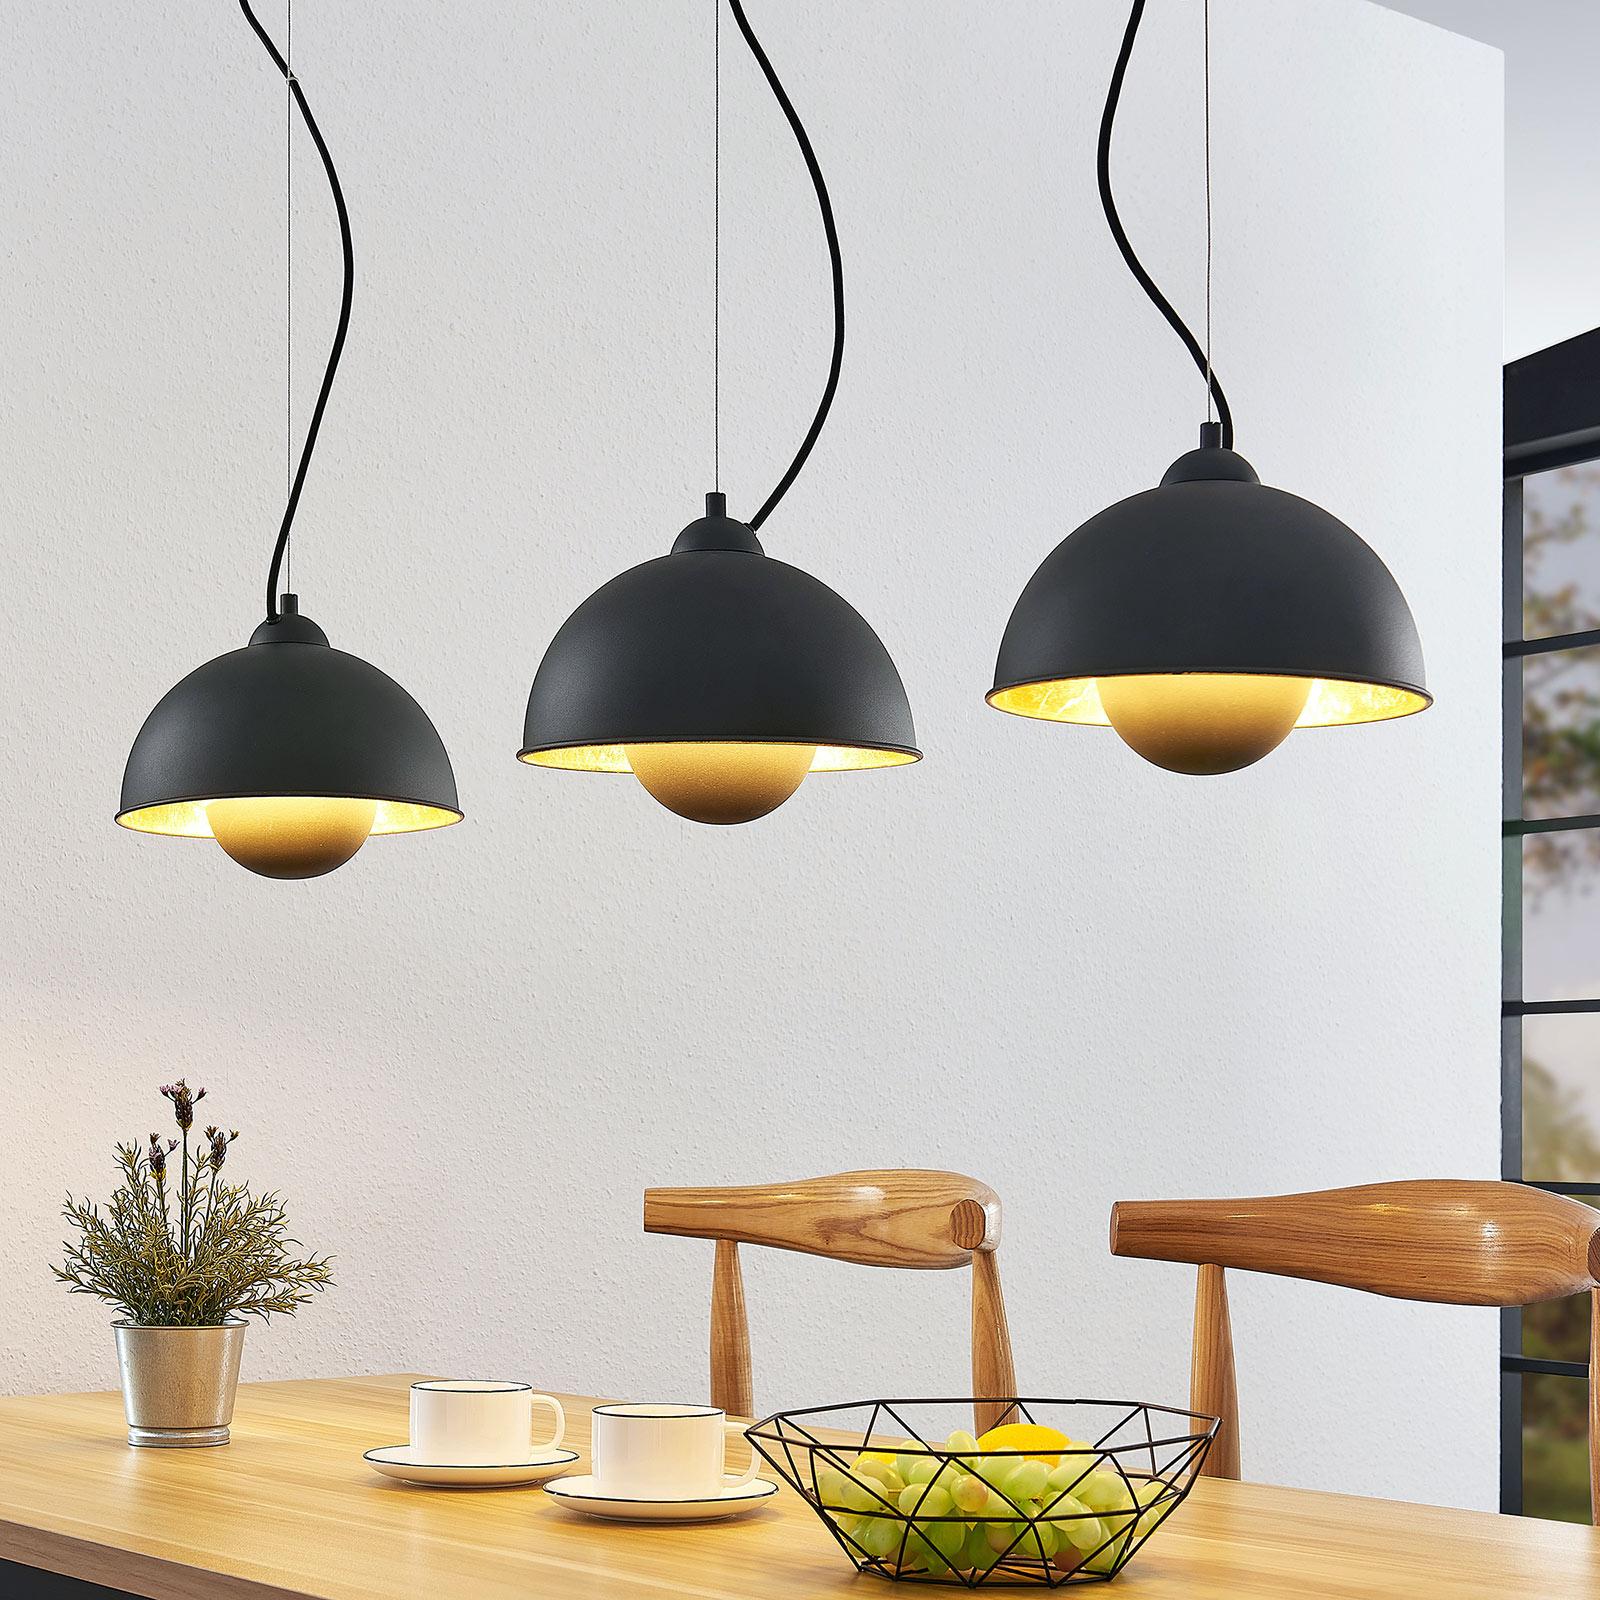 Hanglamp Gretja met drie lampjes, zwart-goud